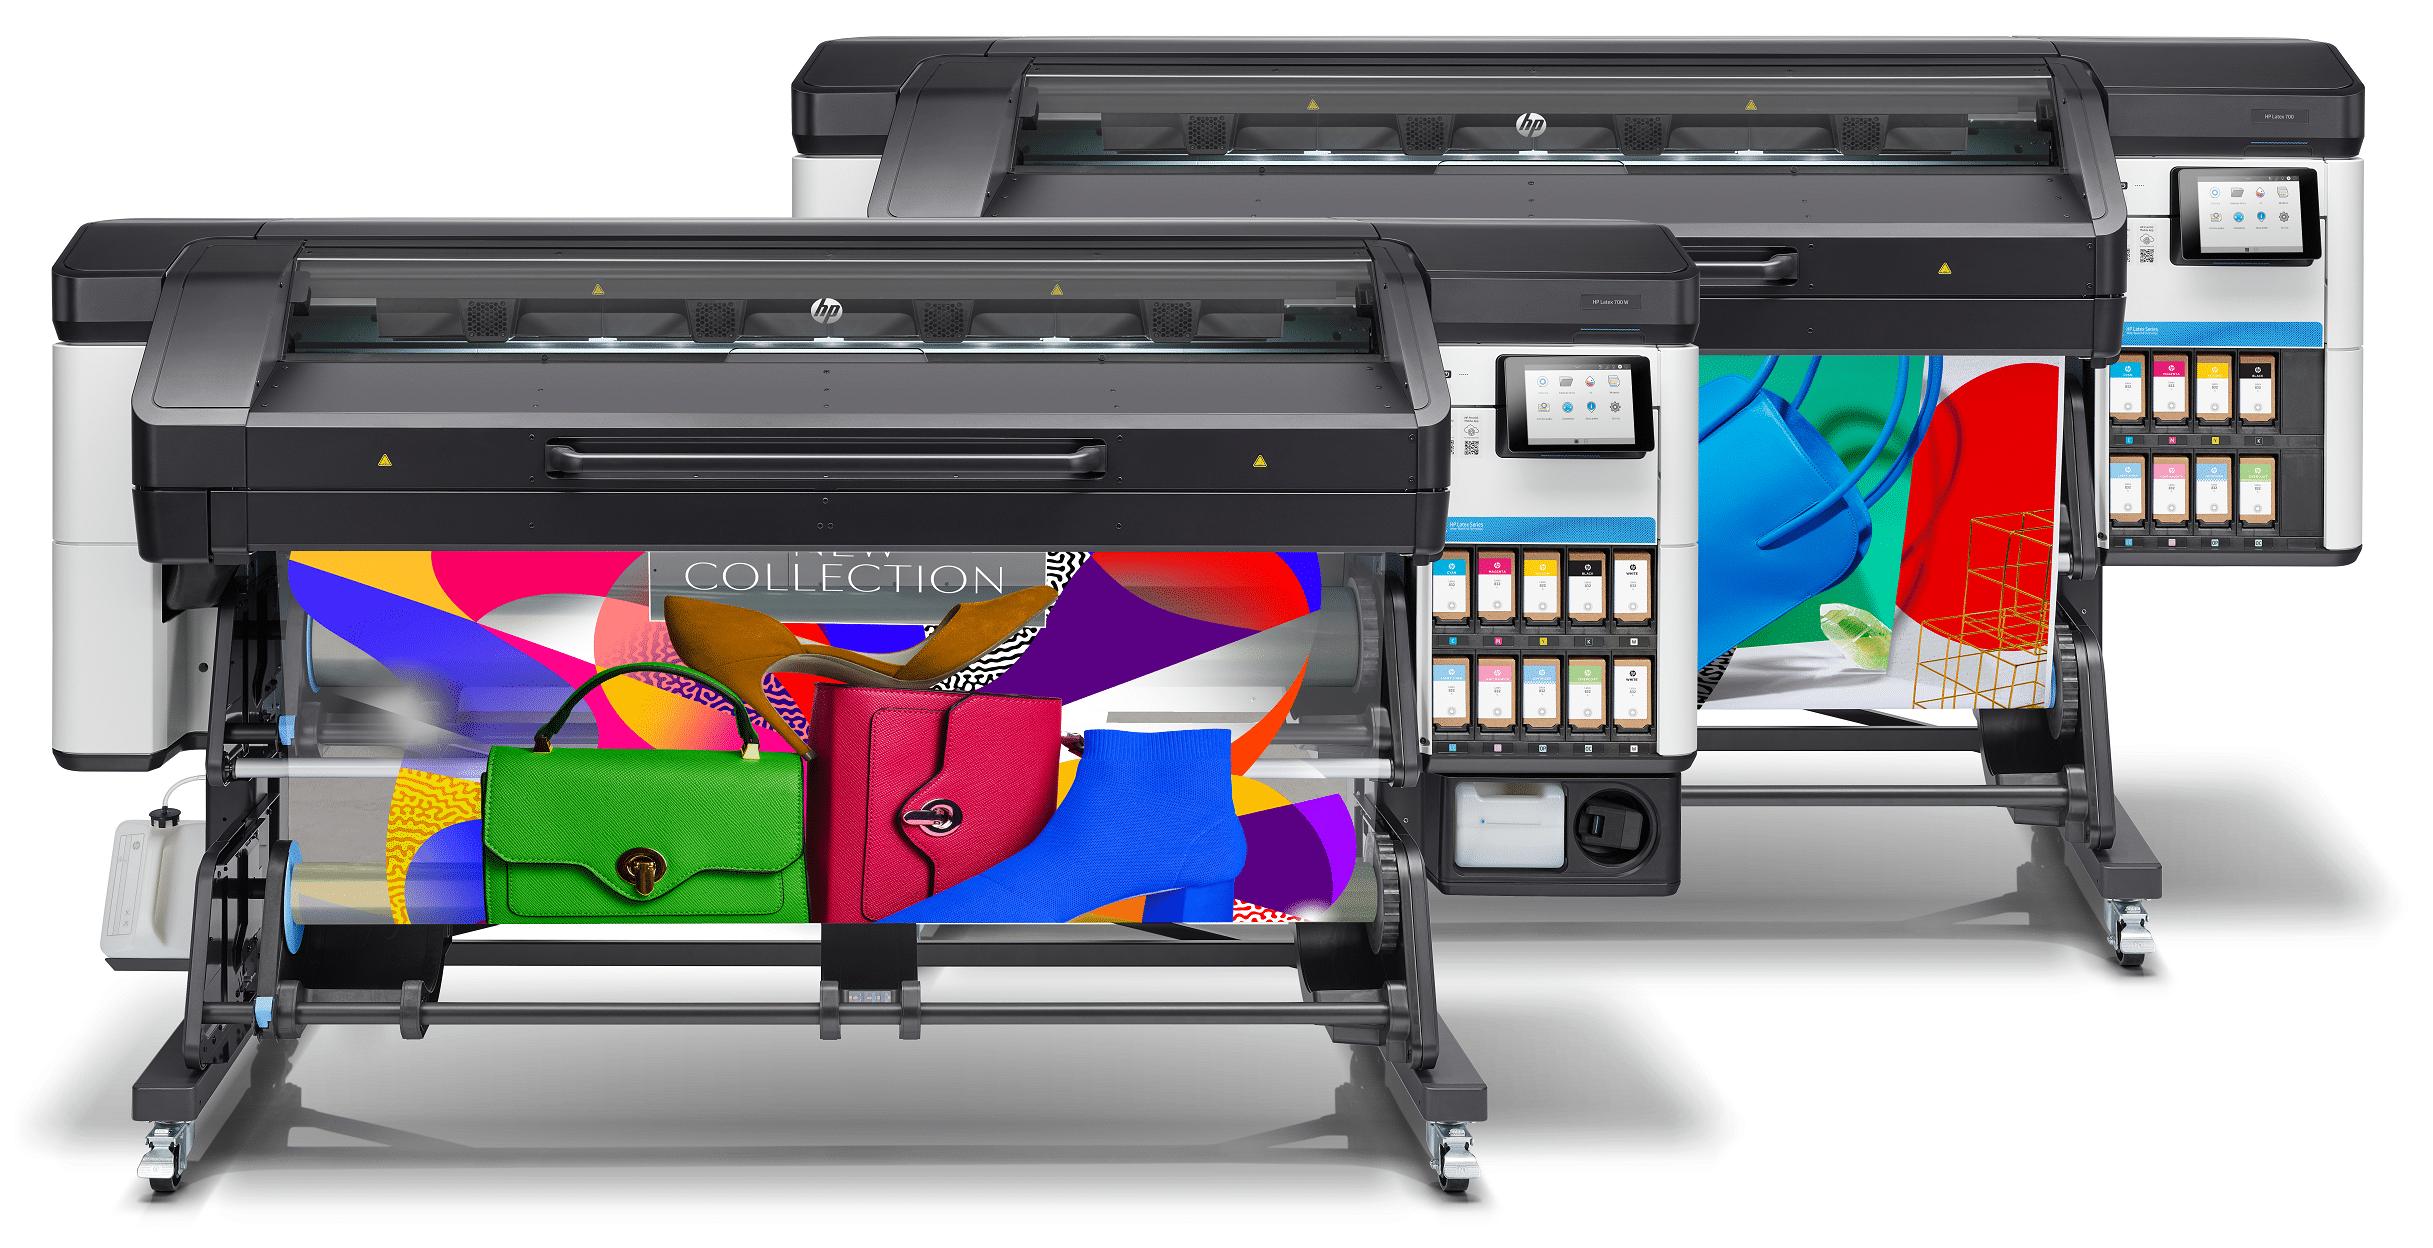 HP Latex 700 Printer series Front Repromat